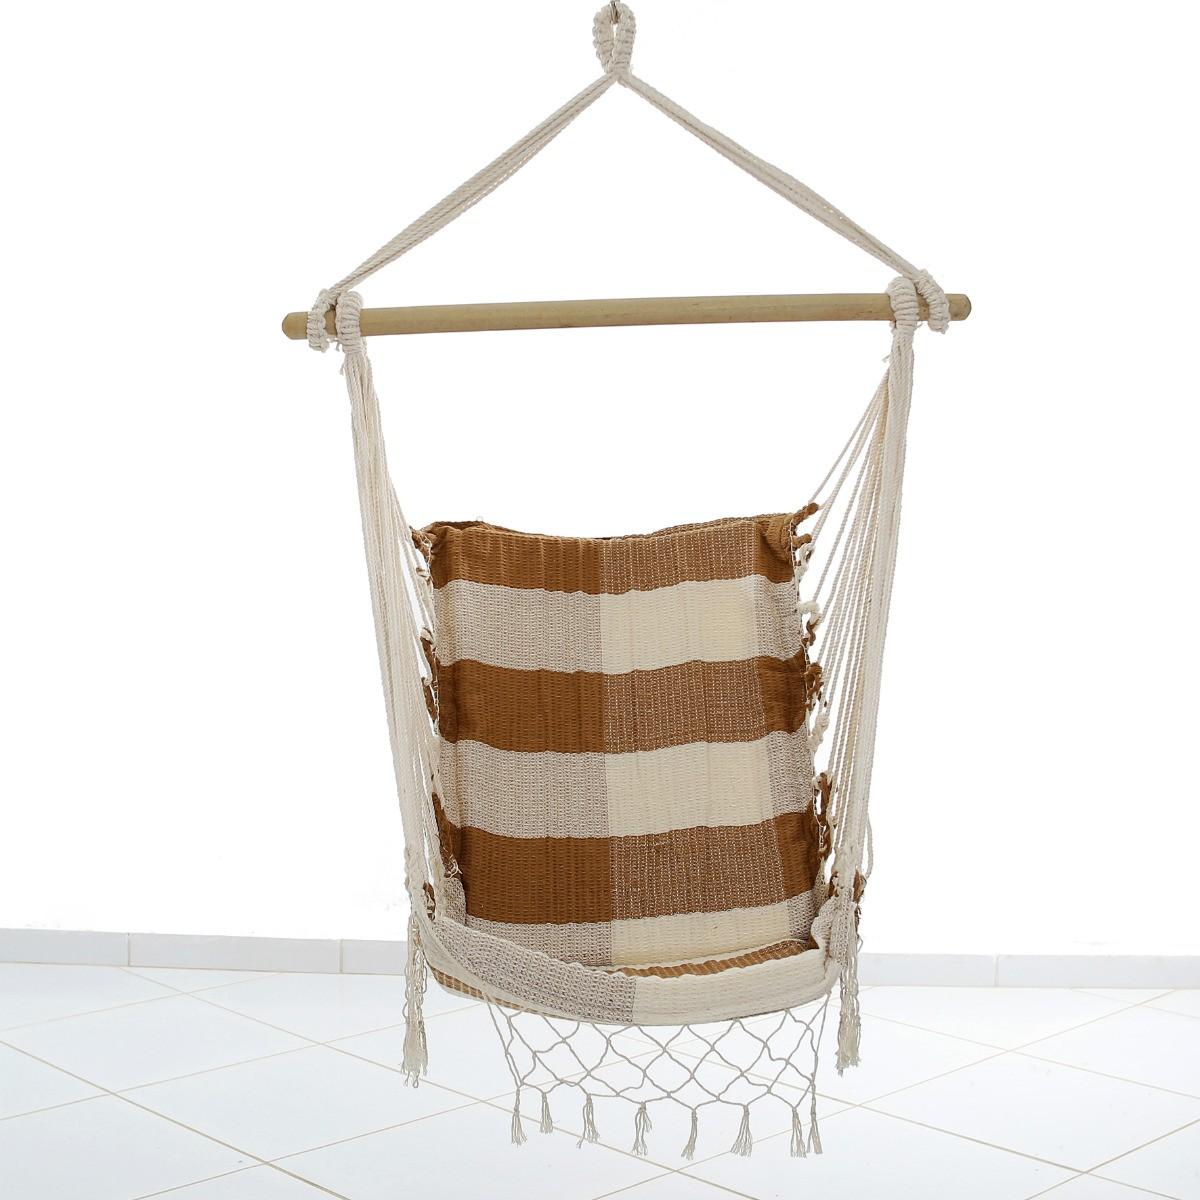 Rede Cadeira Balanço Xadrez Caramelo com bege